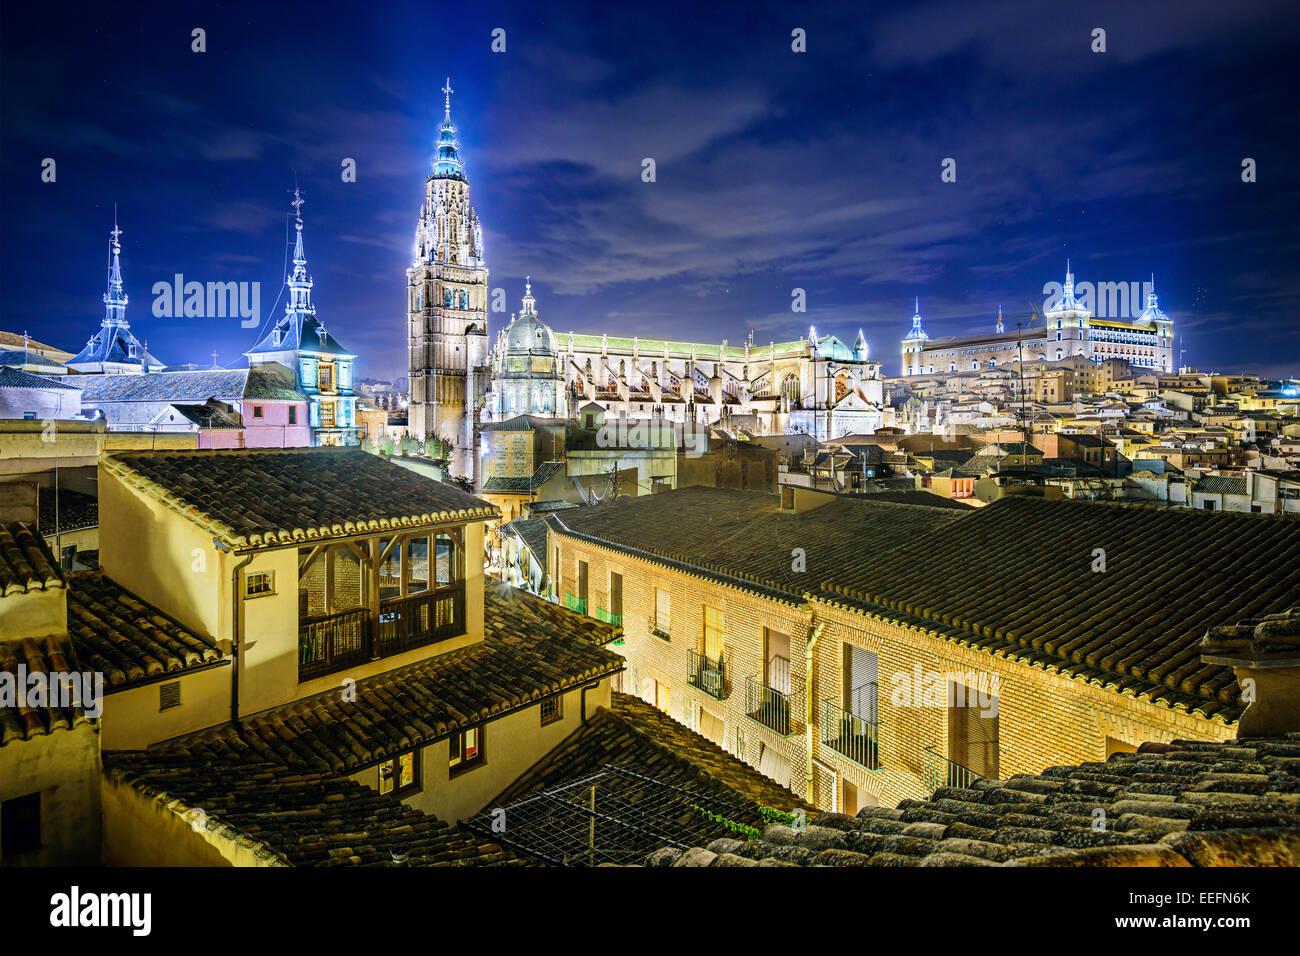 Toledo, España el horizonte de la ciudad, con la Catedral y el Alcázar. Imagen De Stock